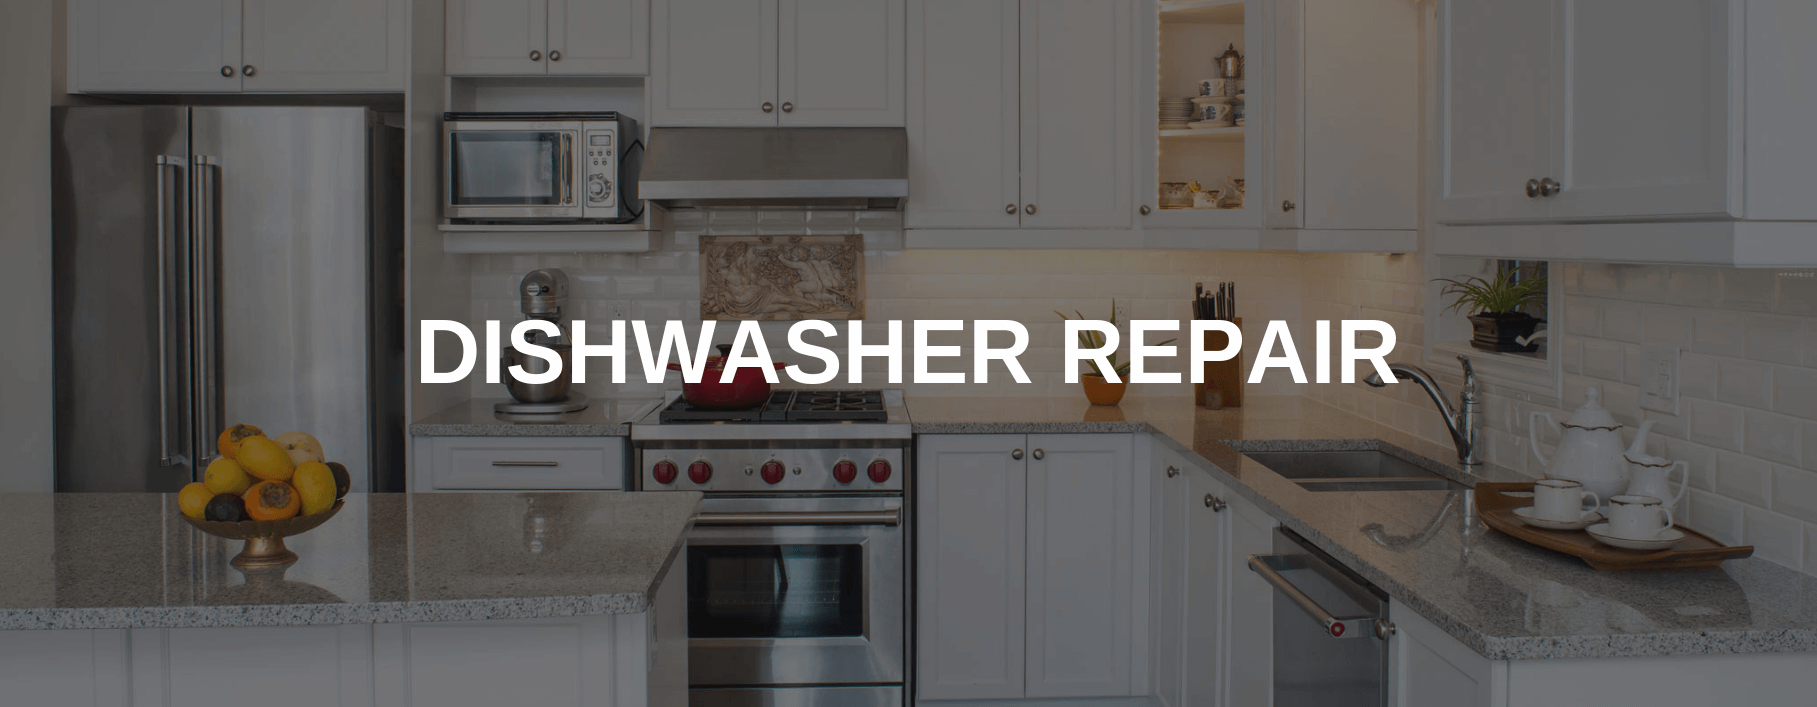 dishwasher repair middletown